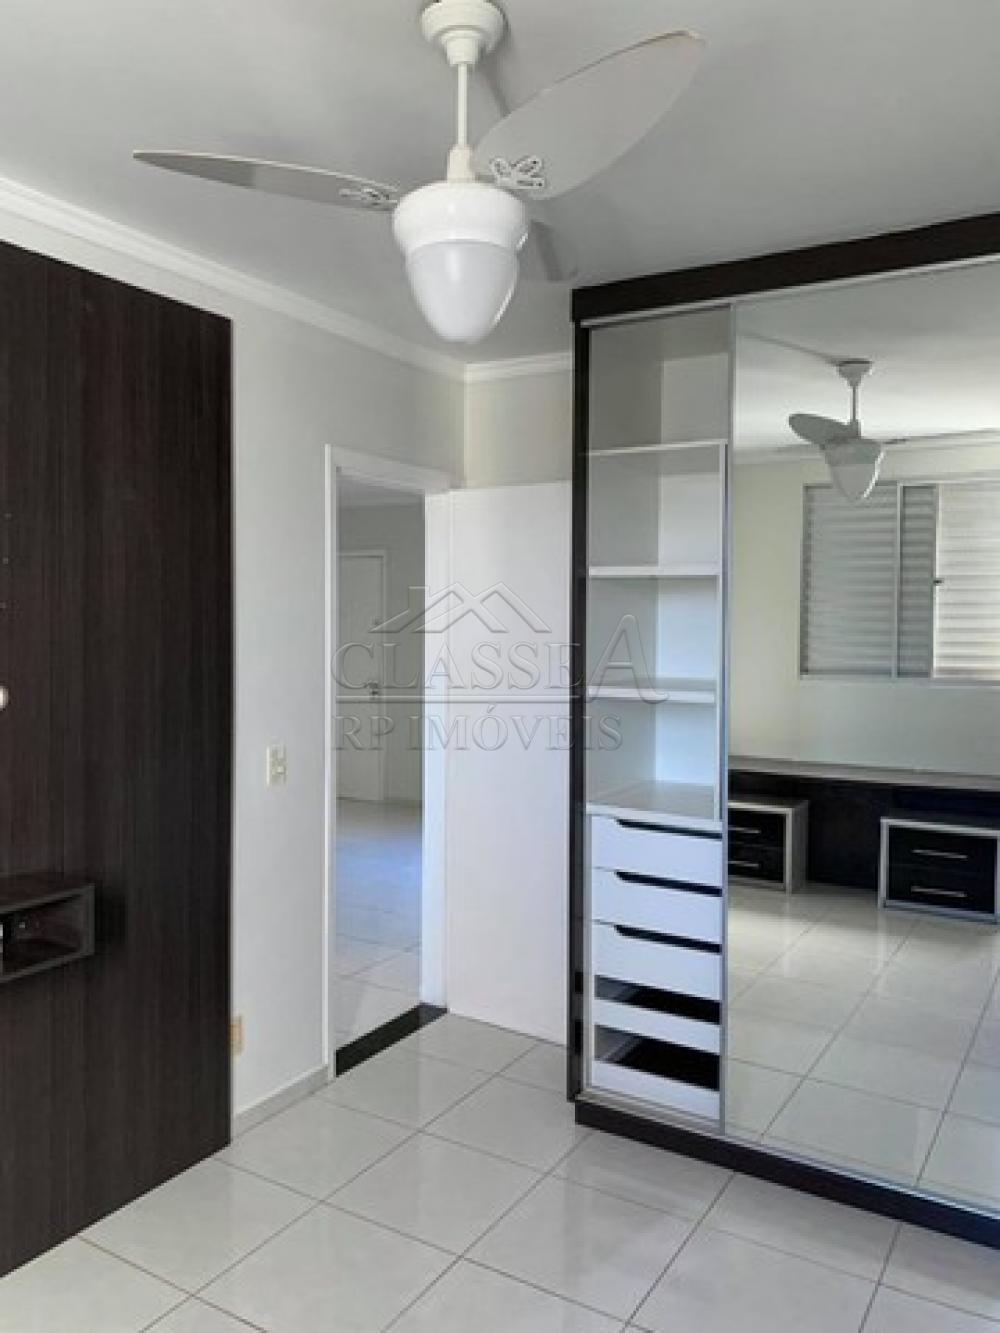 Comprar Apartamento / Cobertura Duplex em Ribeirão Preto R$ 300.000,00 - Foto 10